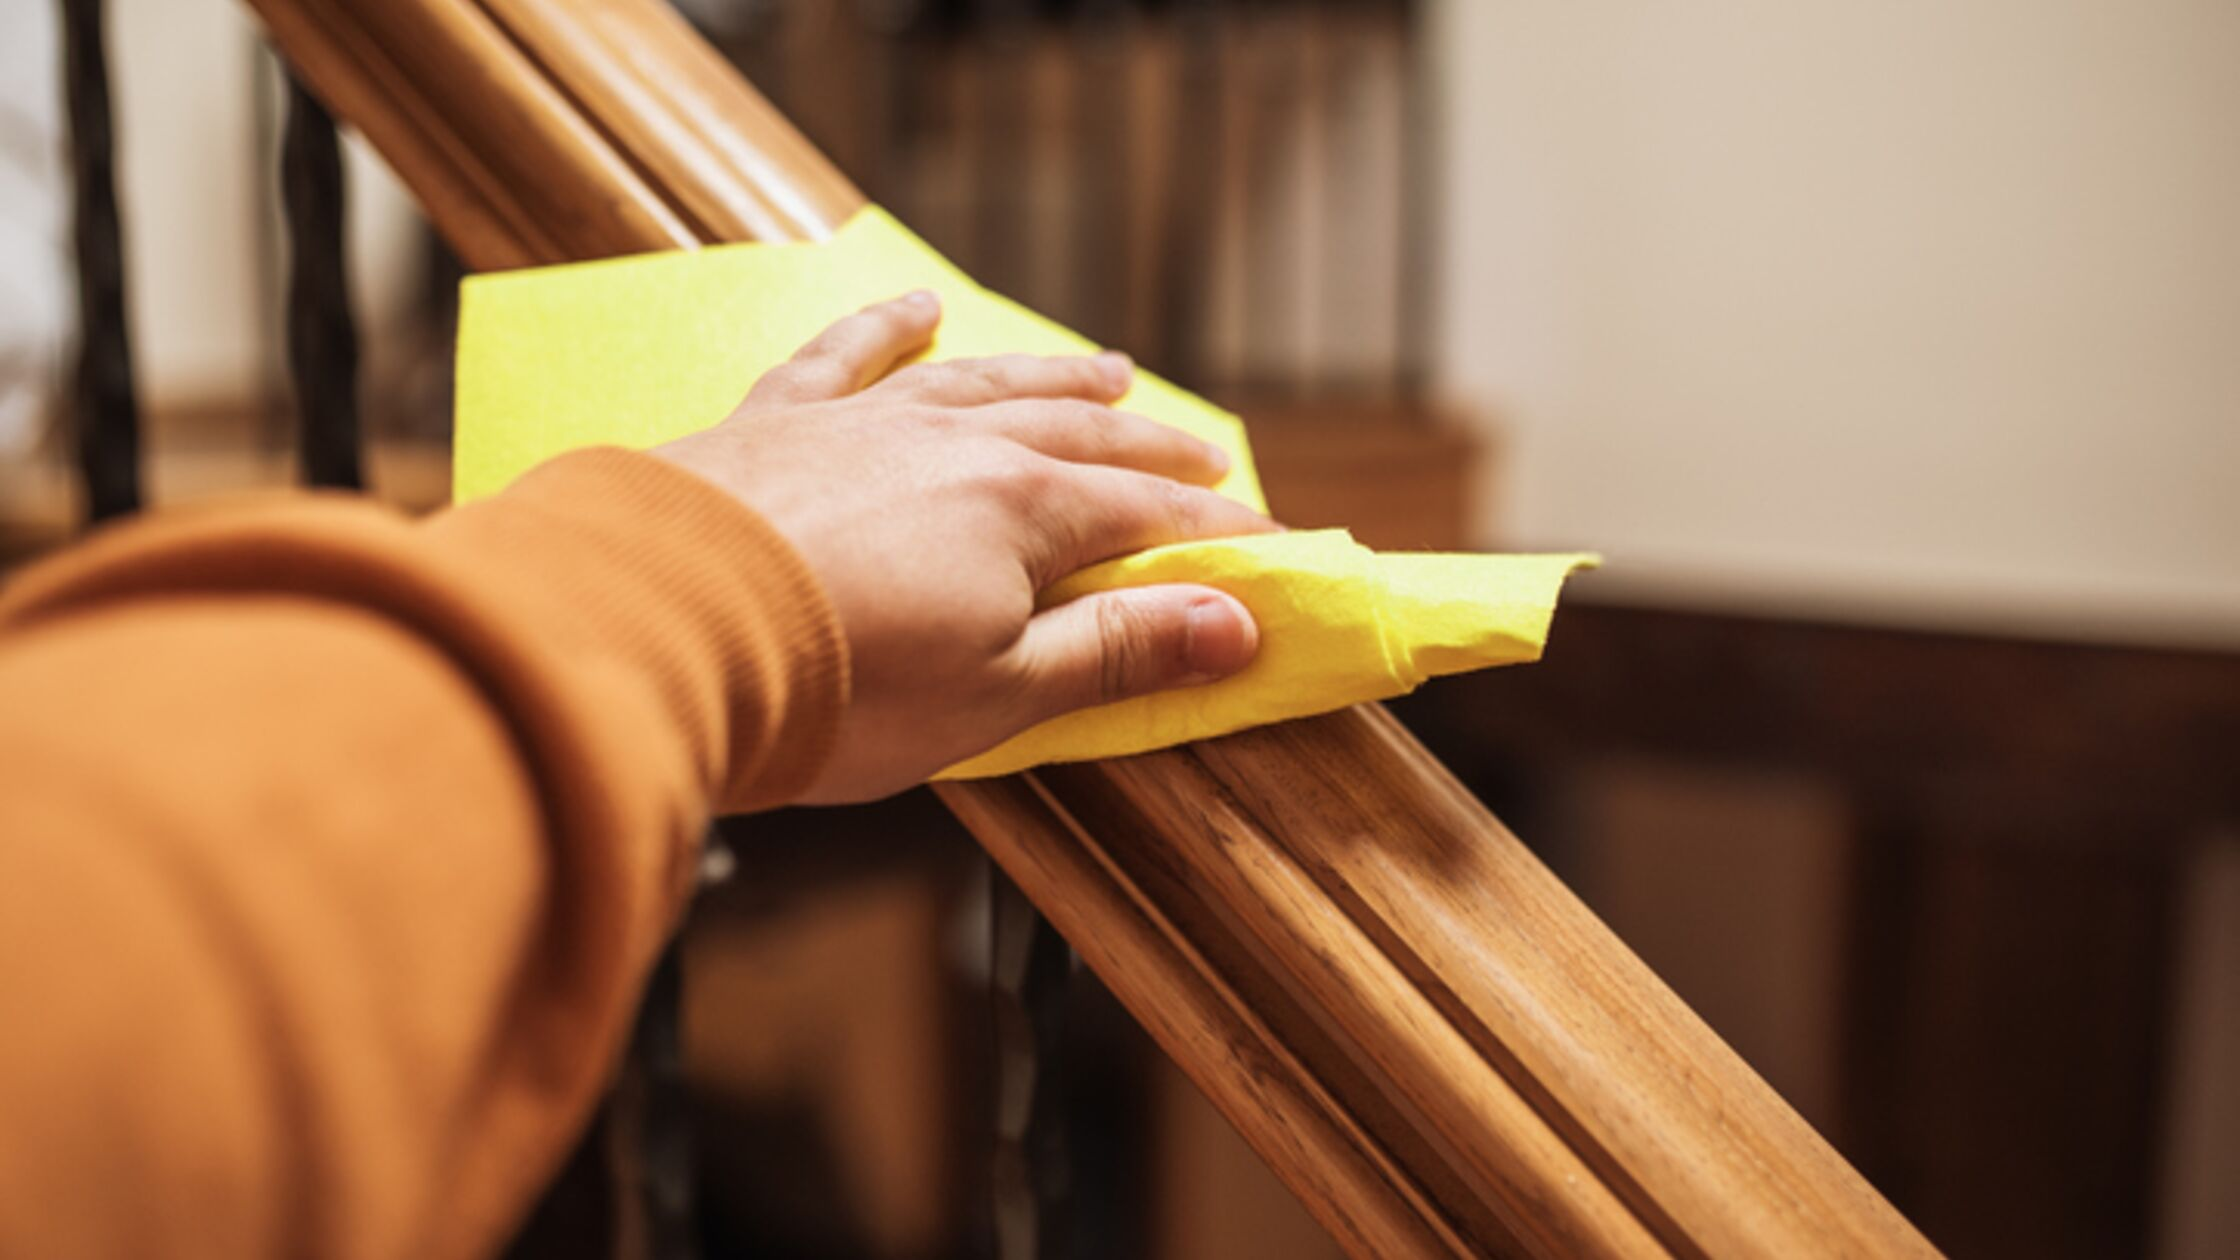 Treppenhausreinigung: Regeln und Pflichten für Mieter